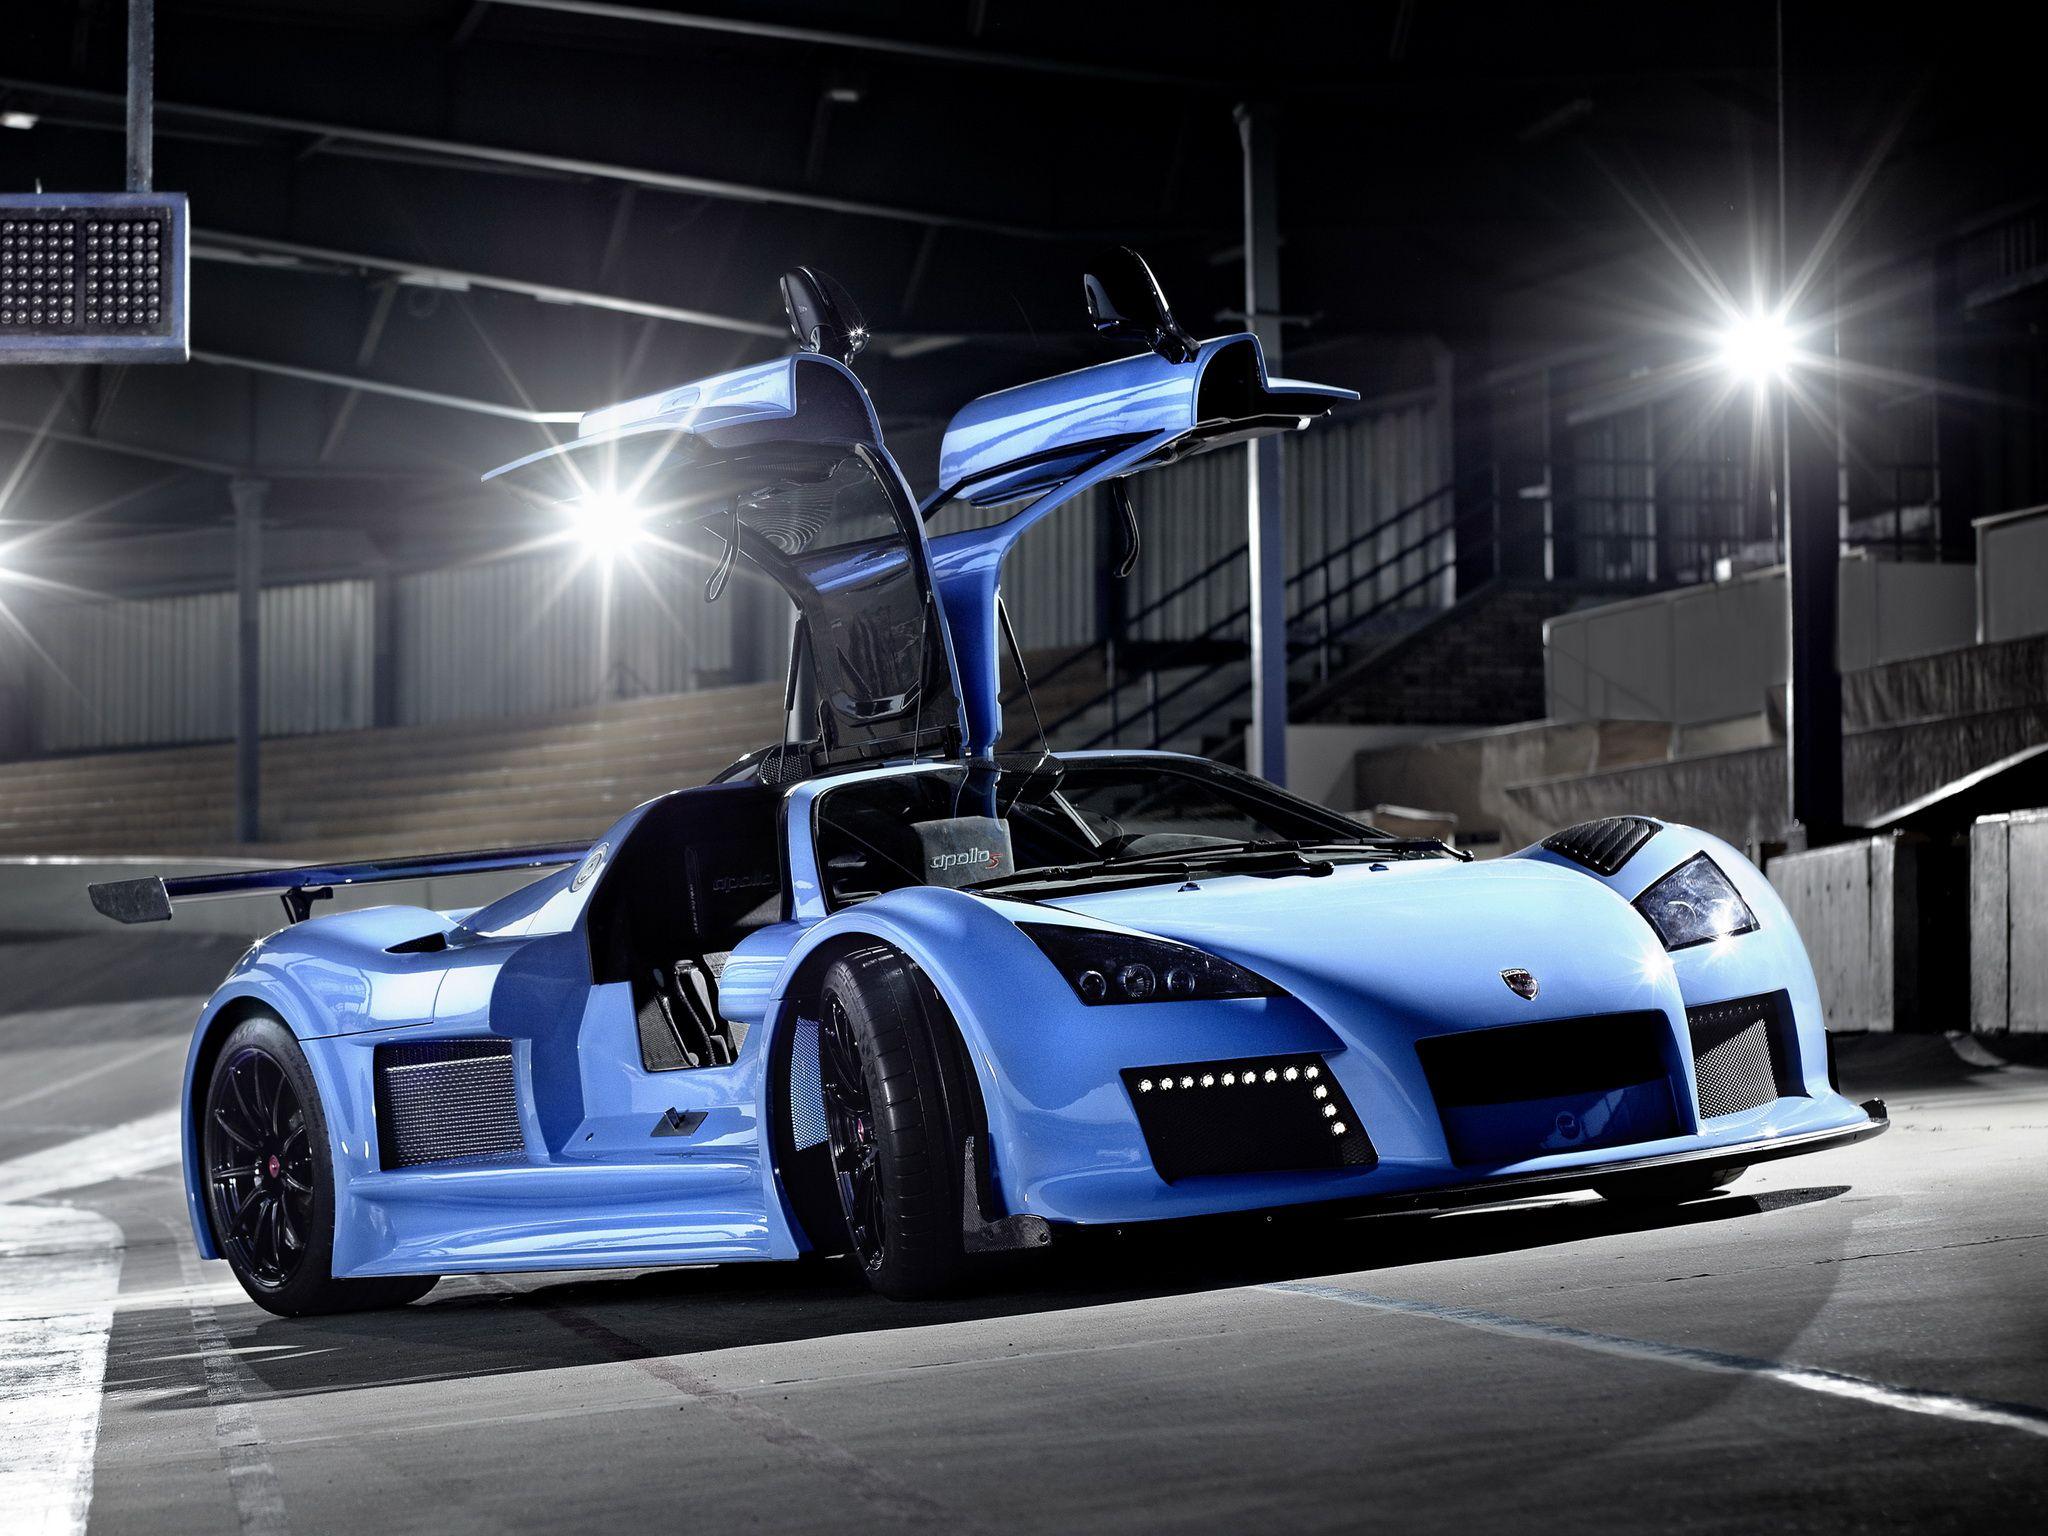 Gumpert Apollo S Super Sport Cars Super Cars Sports Car Wallpaper